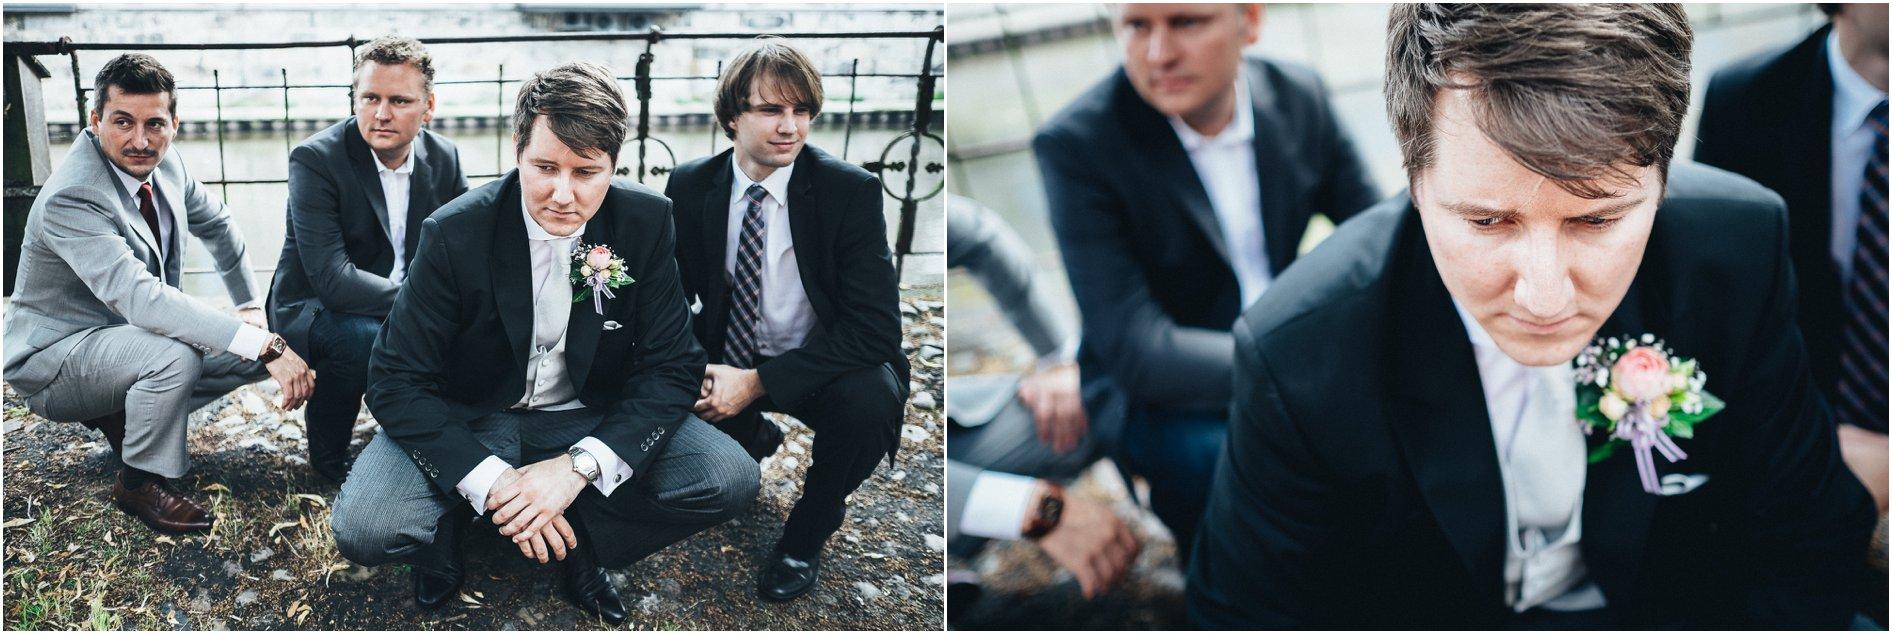 2014-10-13_0053 Jenny & Matthias - Hochzeitsfotograf auf Gut Bardenhagen